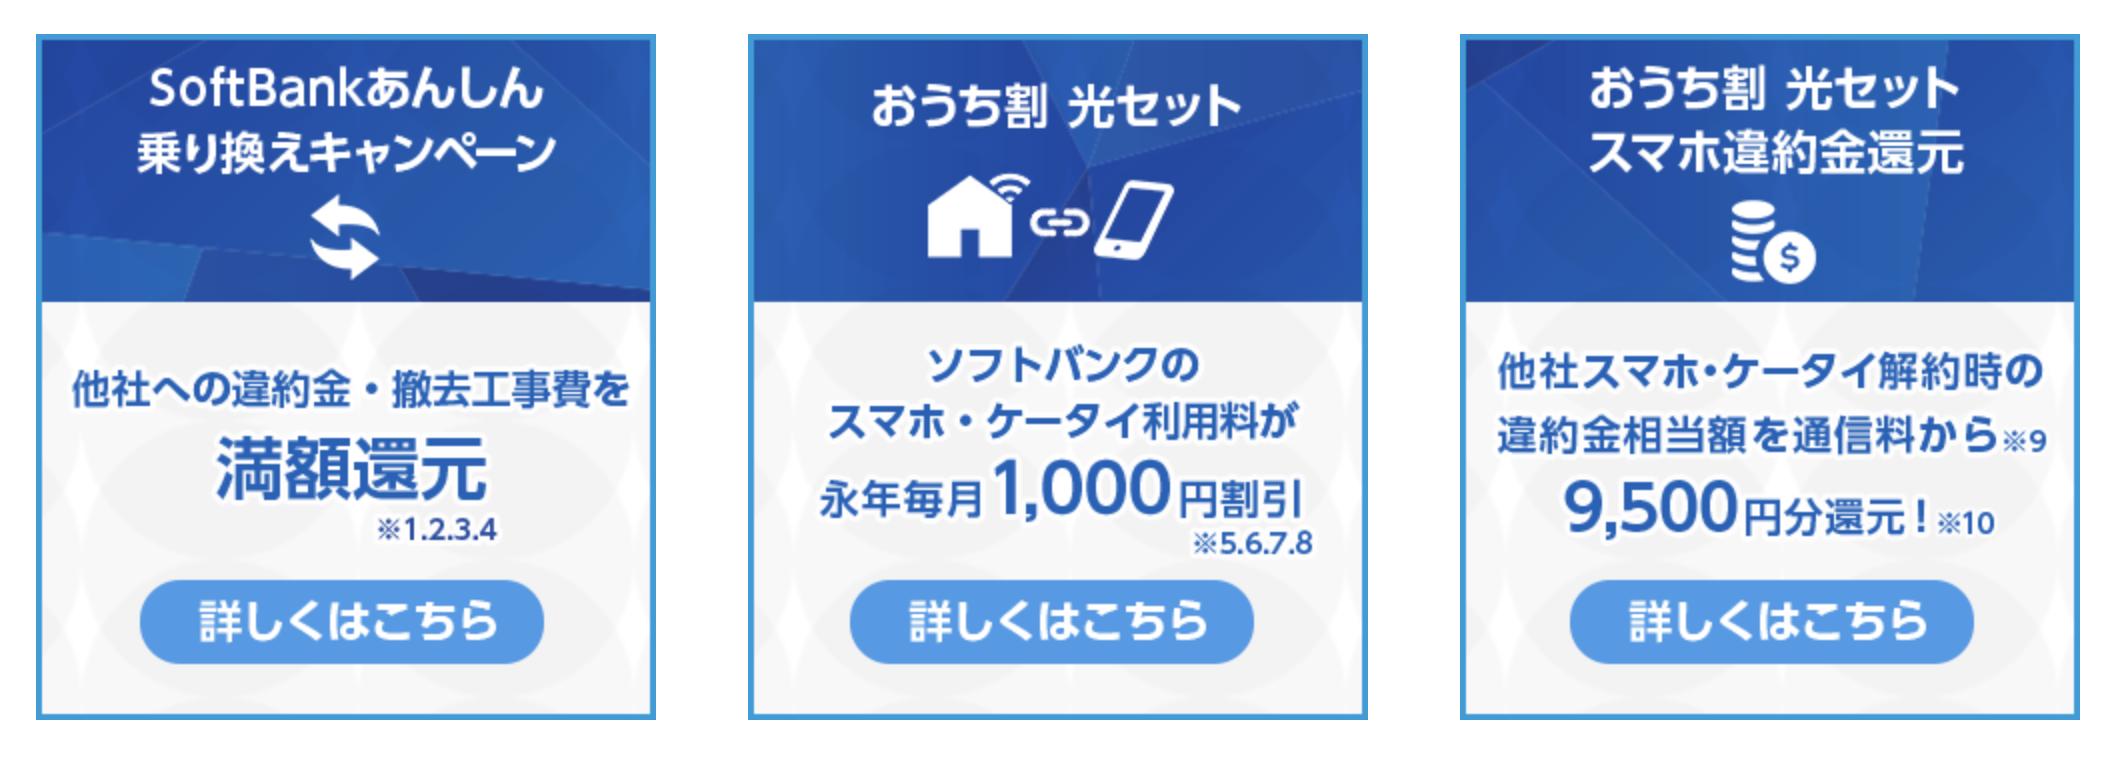 ソフトバンクAir公式キャンペーン